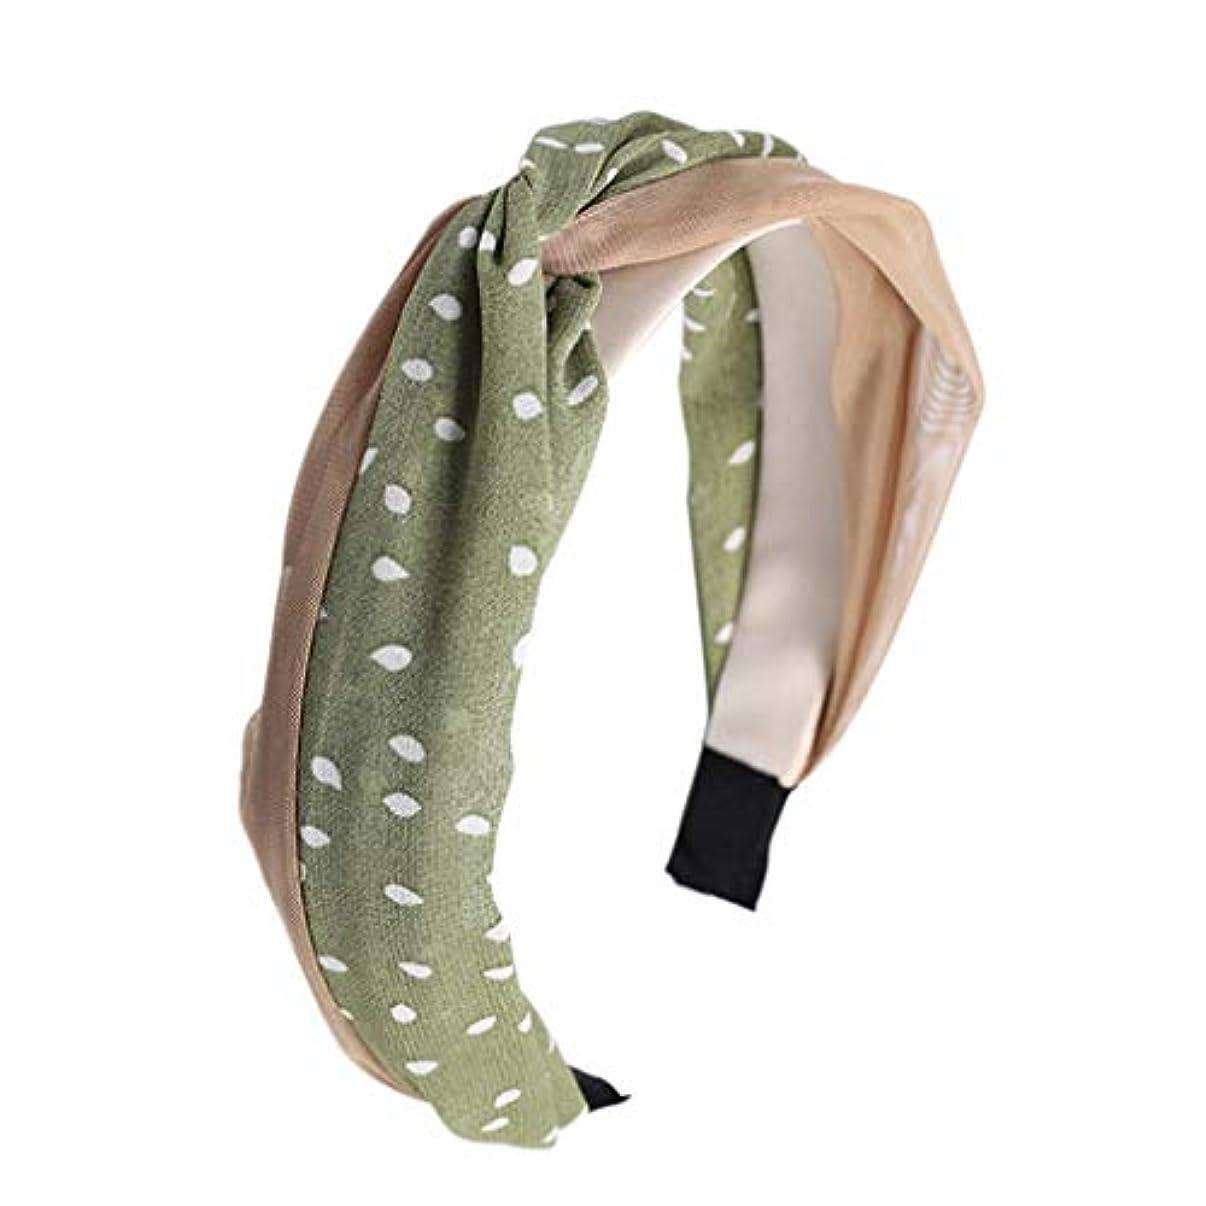 ソファーファランクス突き出すManyao 韓国風の新鮮な女性のメッシュポルカドットヘッドバンドヴィンテージツイスト結び目ワイヤーヘアフープ (緑)